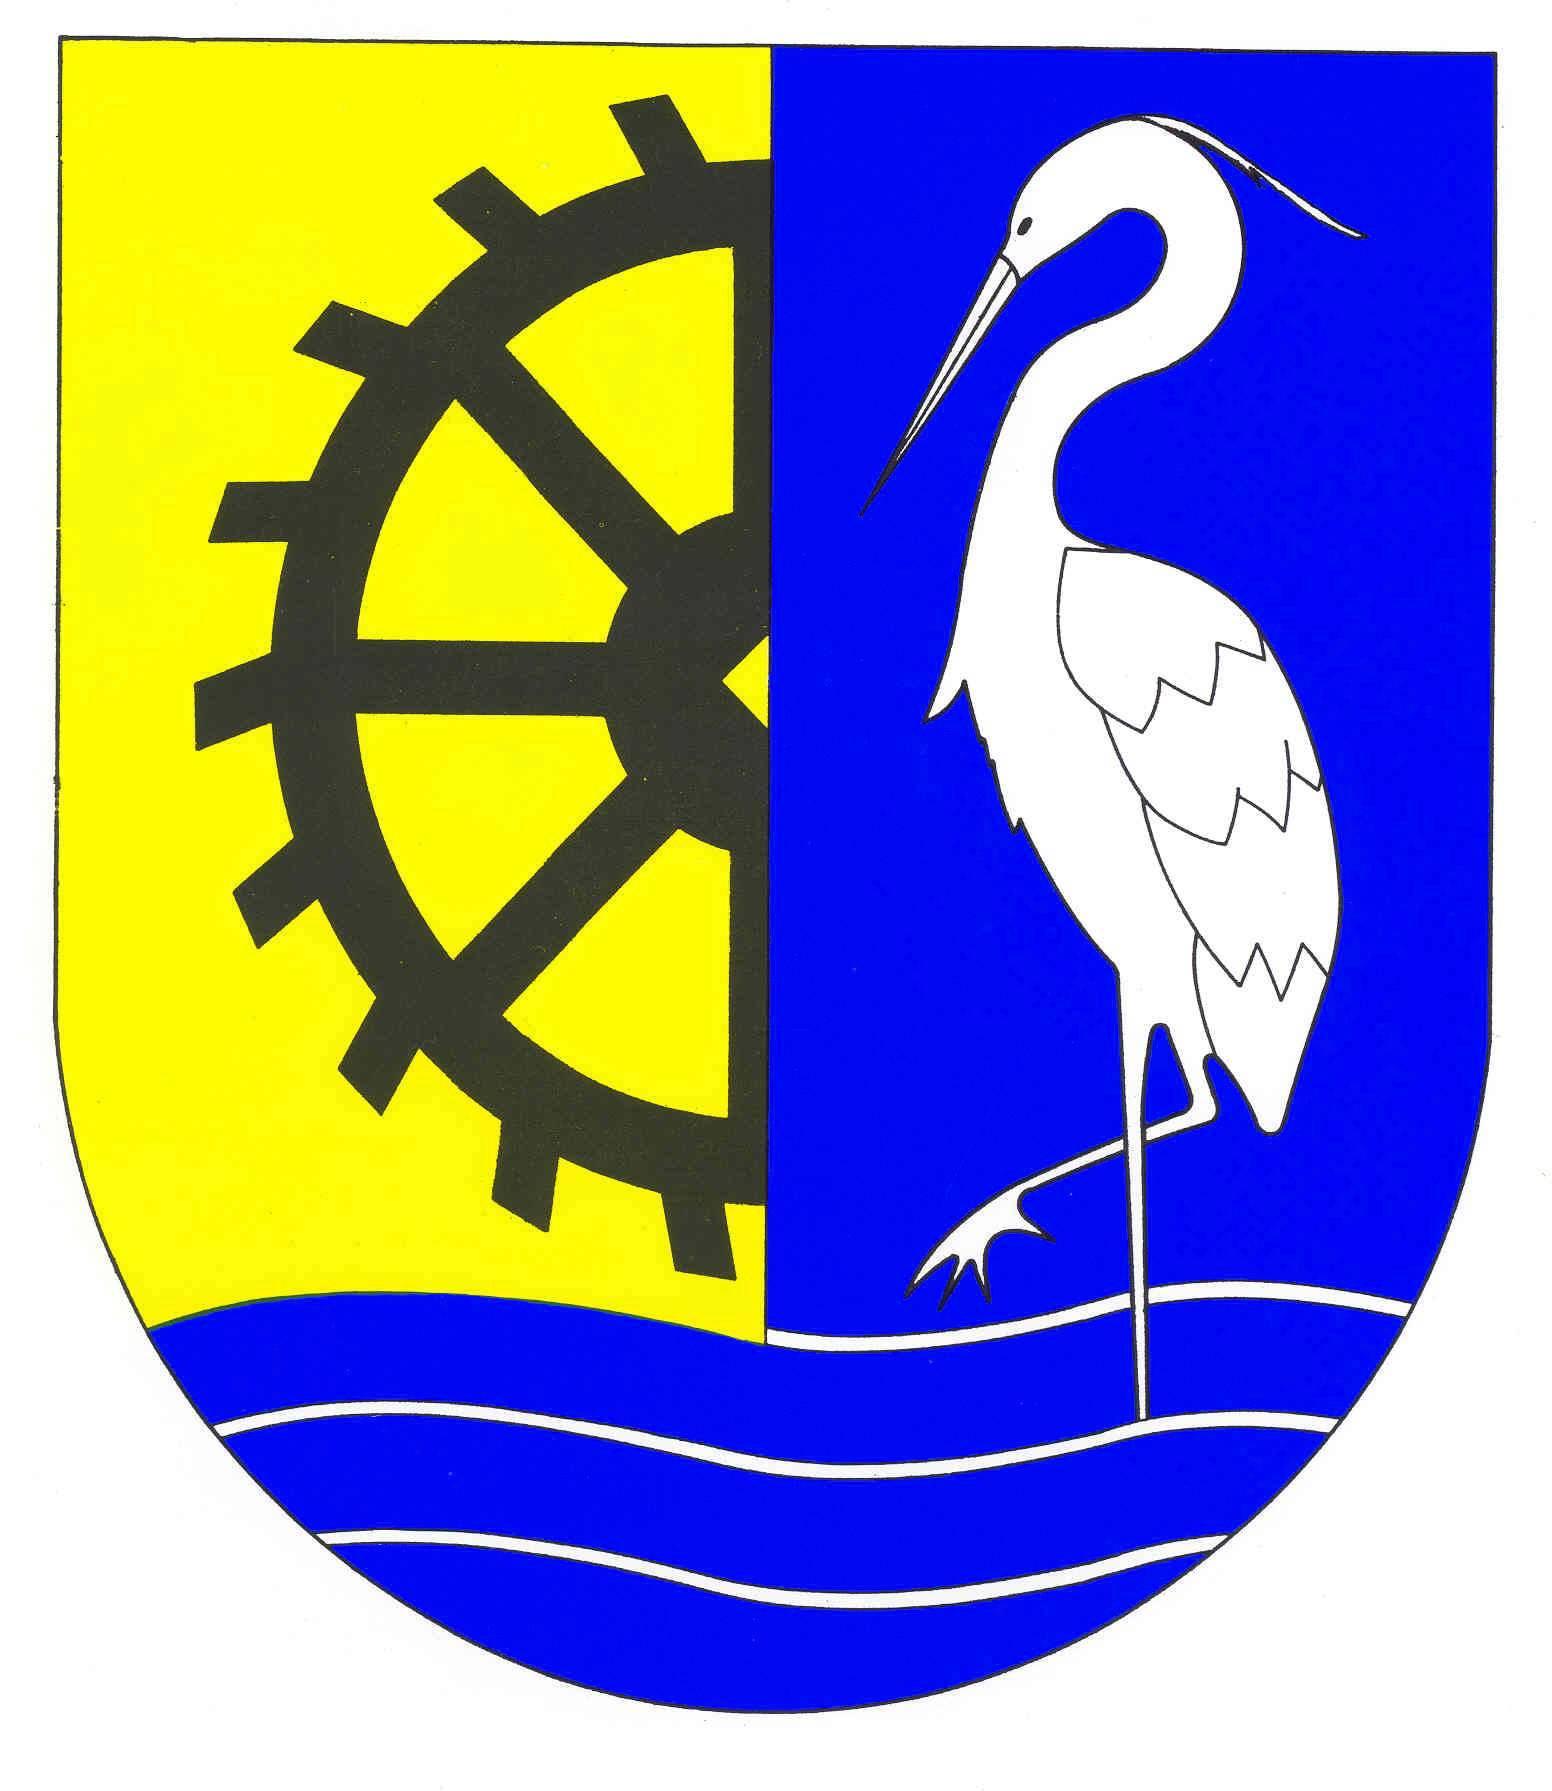 Wappen GemeindeMeyn, Kreis Schleswig-Flensburg